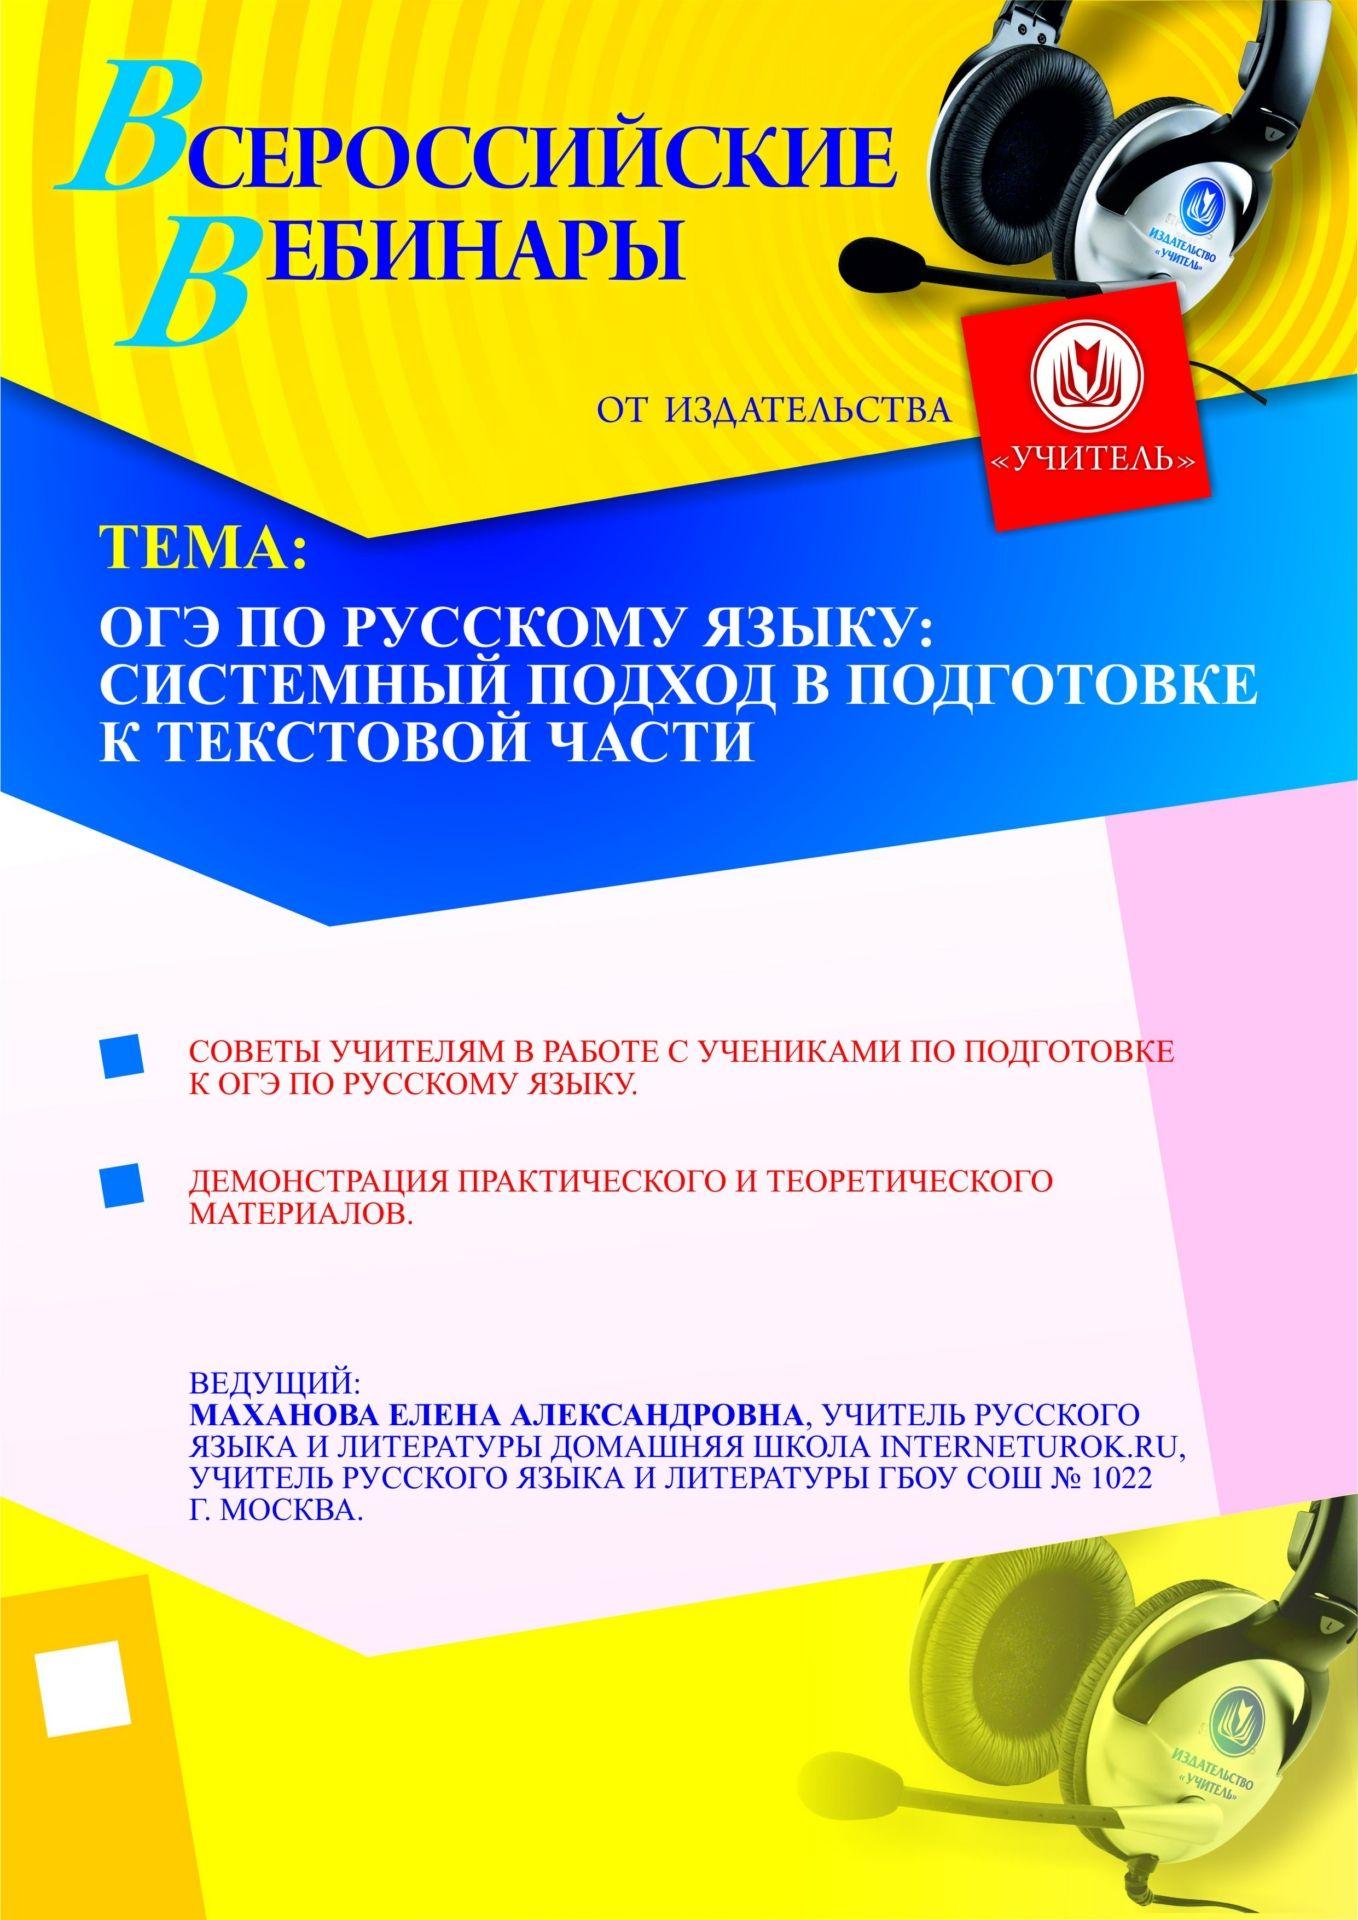 ОГЭ по русскому языку: системный подход в подготовке к текстовой части фото